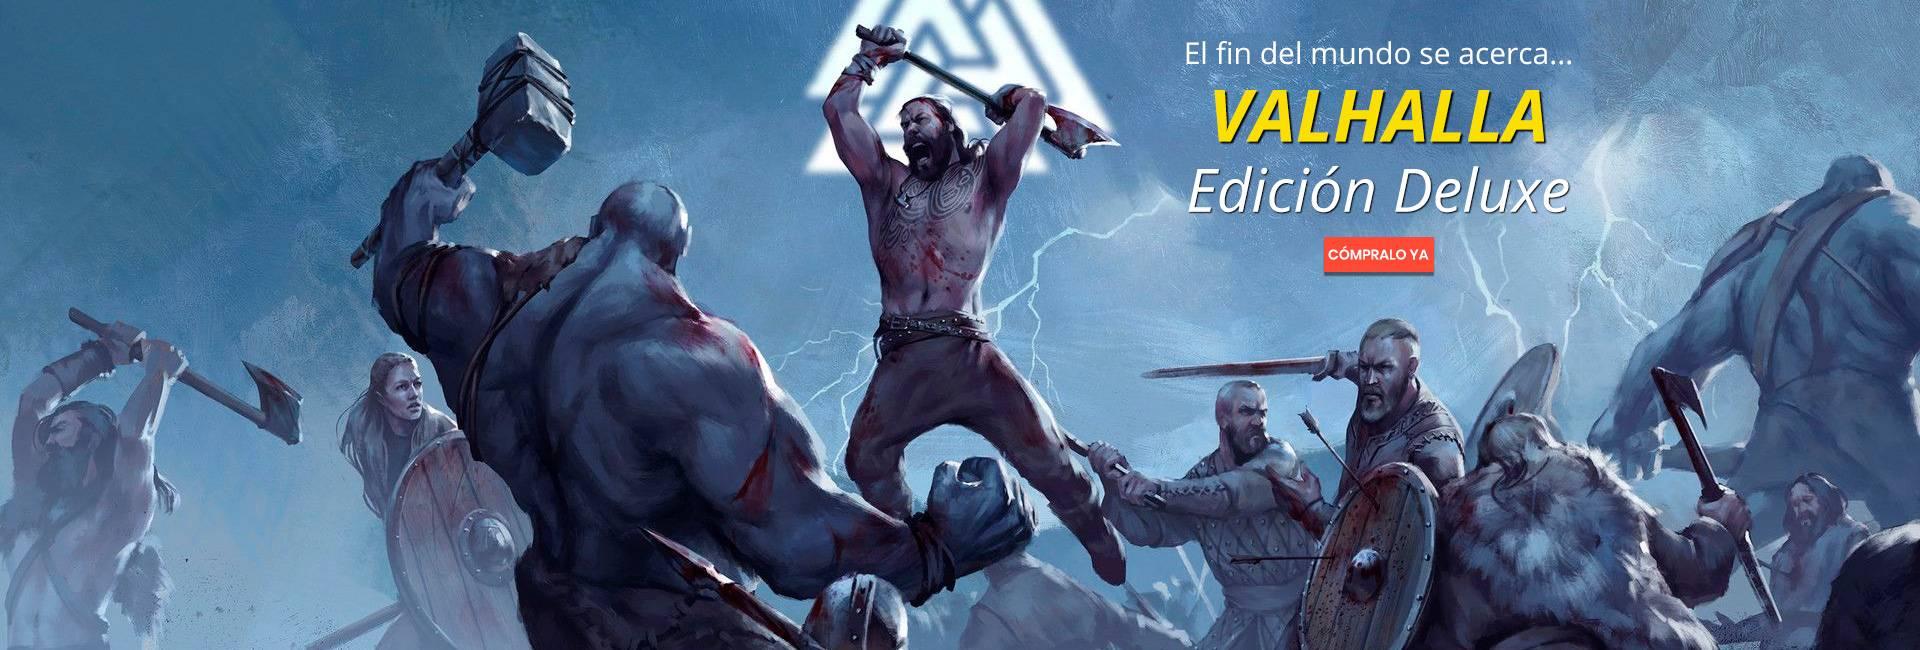 Valhalla: Edición Deluxe